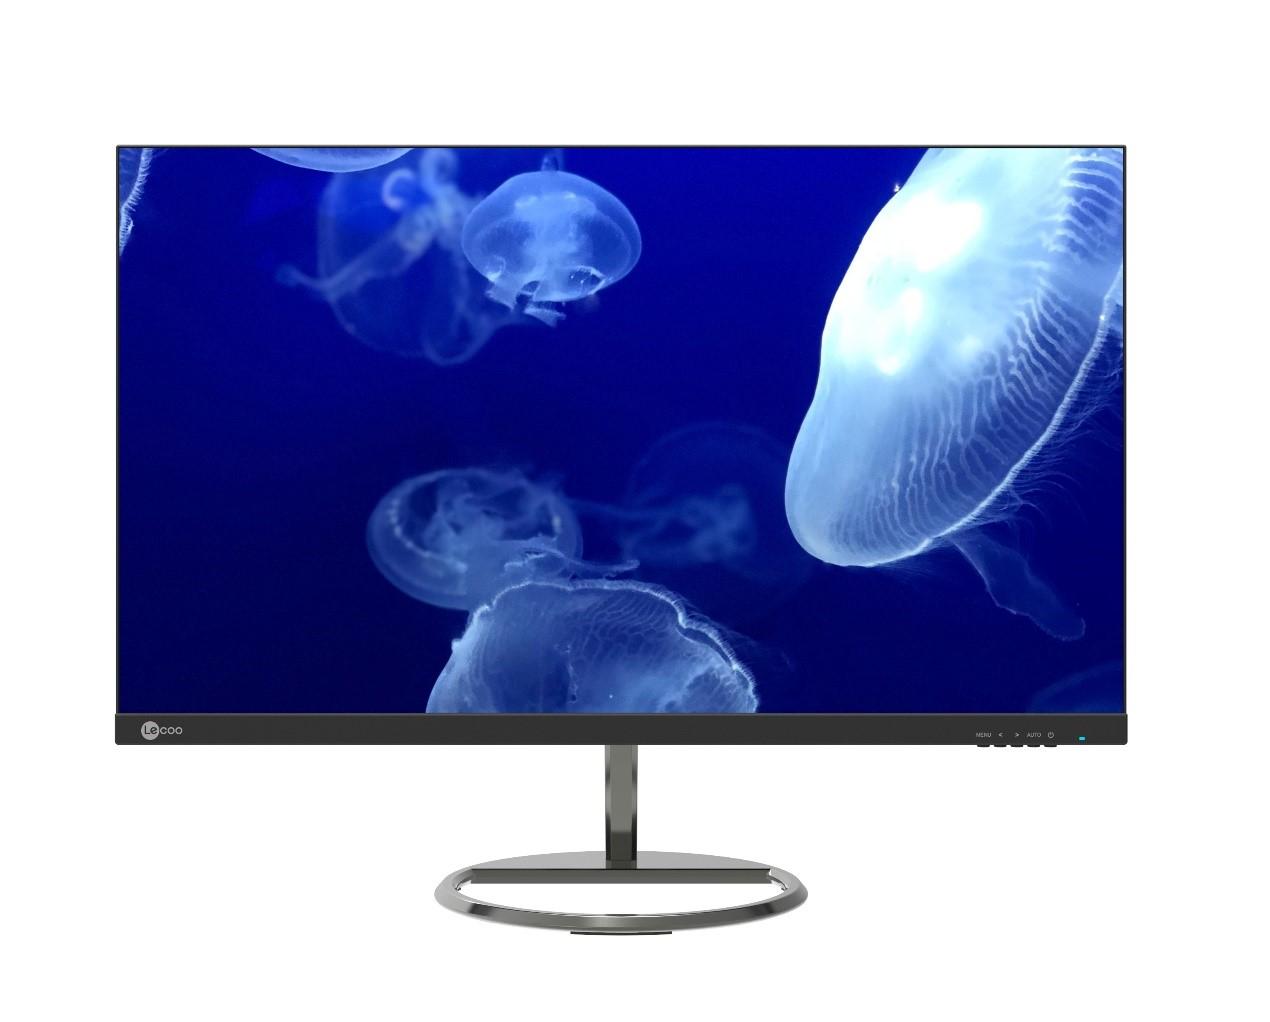 全球PC老大联想布局显示器DIY市场,来酷新品搅动市场风云